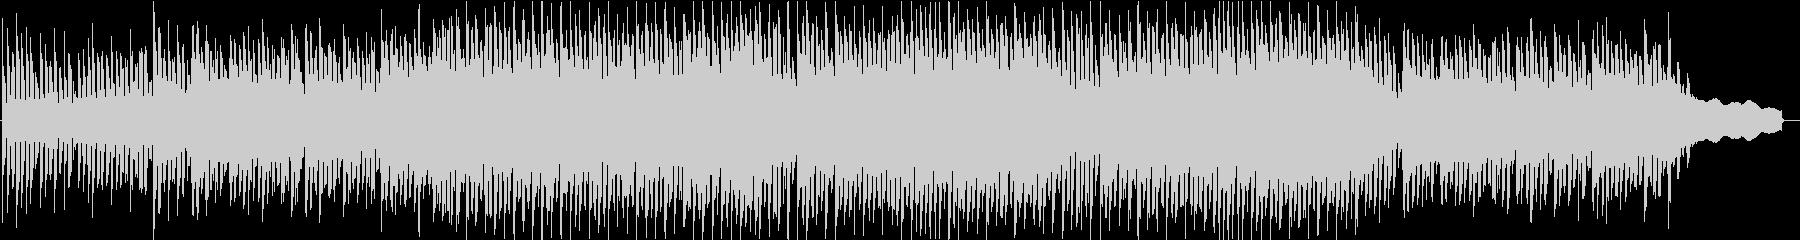 クリーンなインスピレーショナル系BGMの未再生の波形